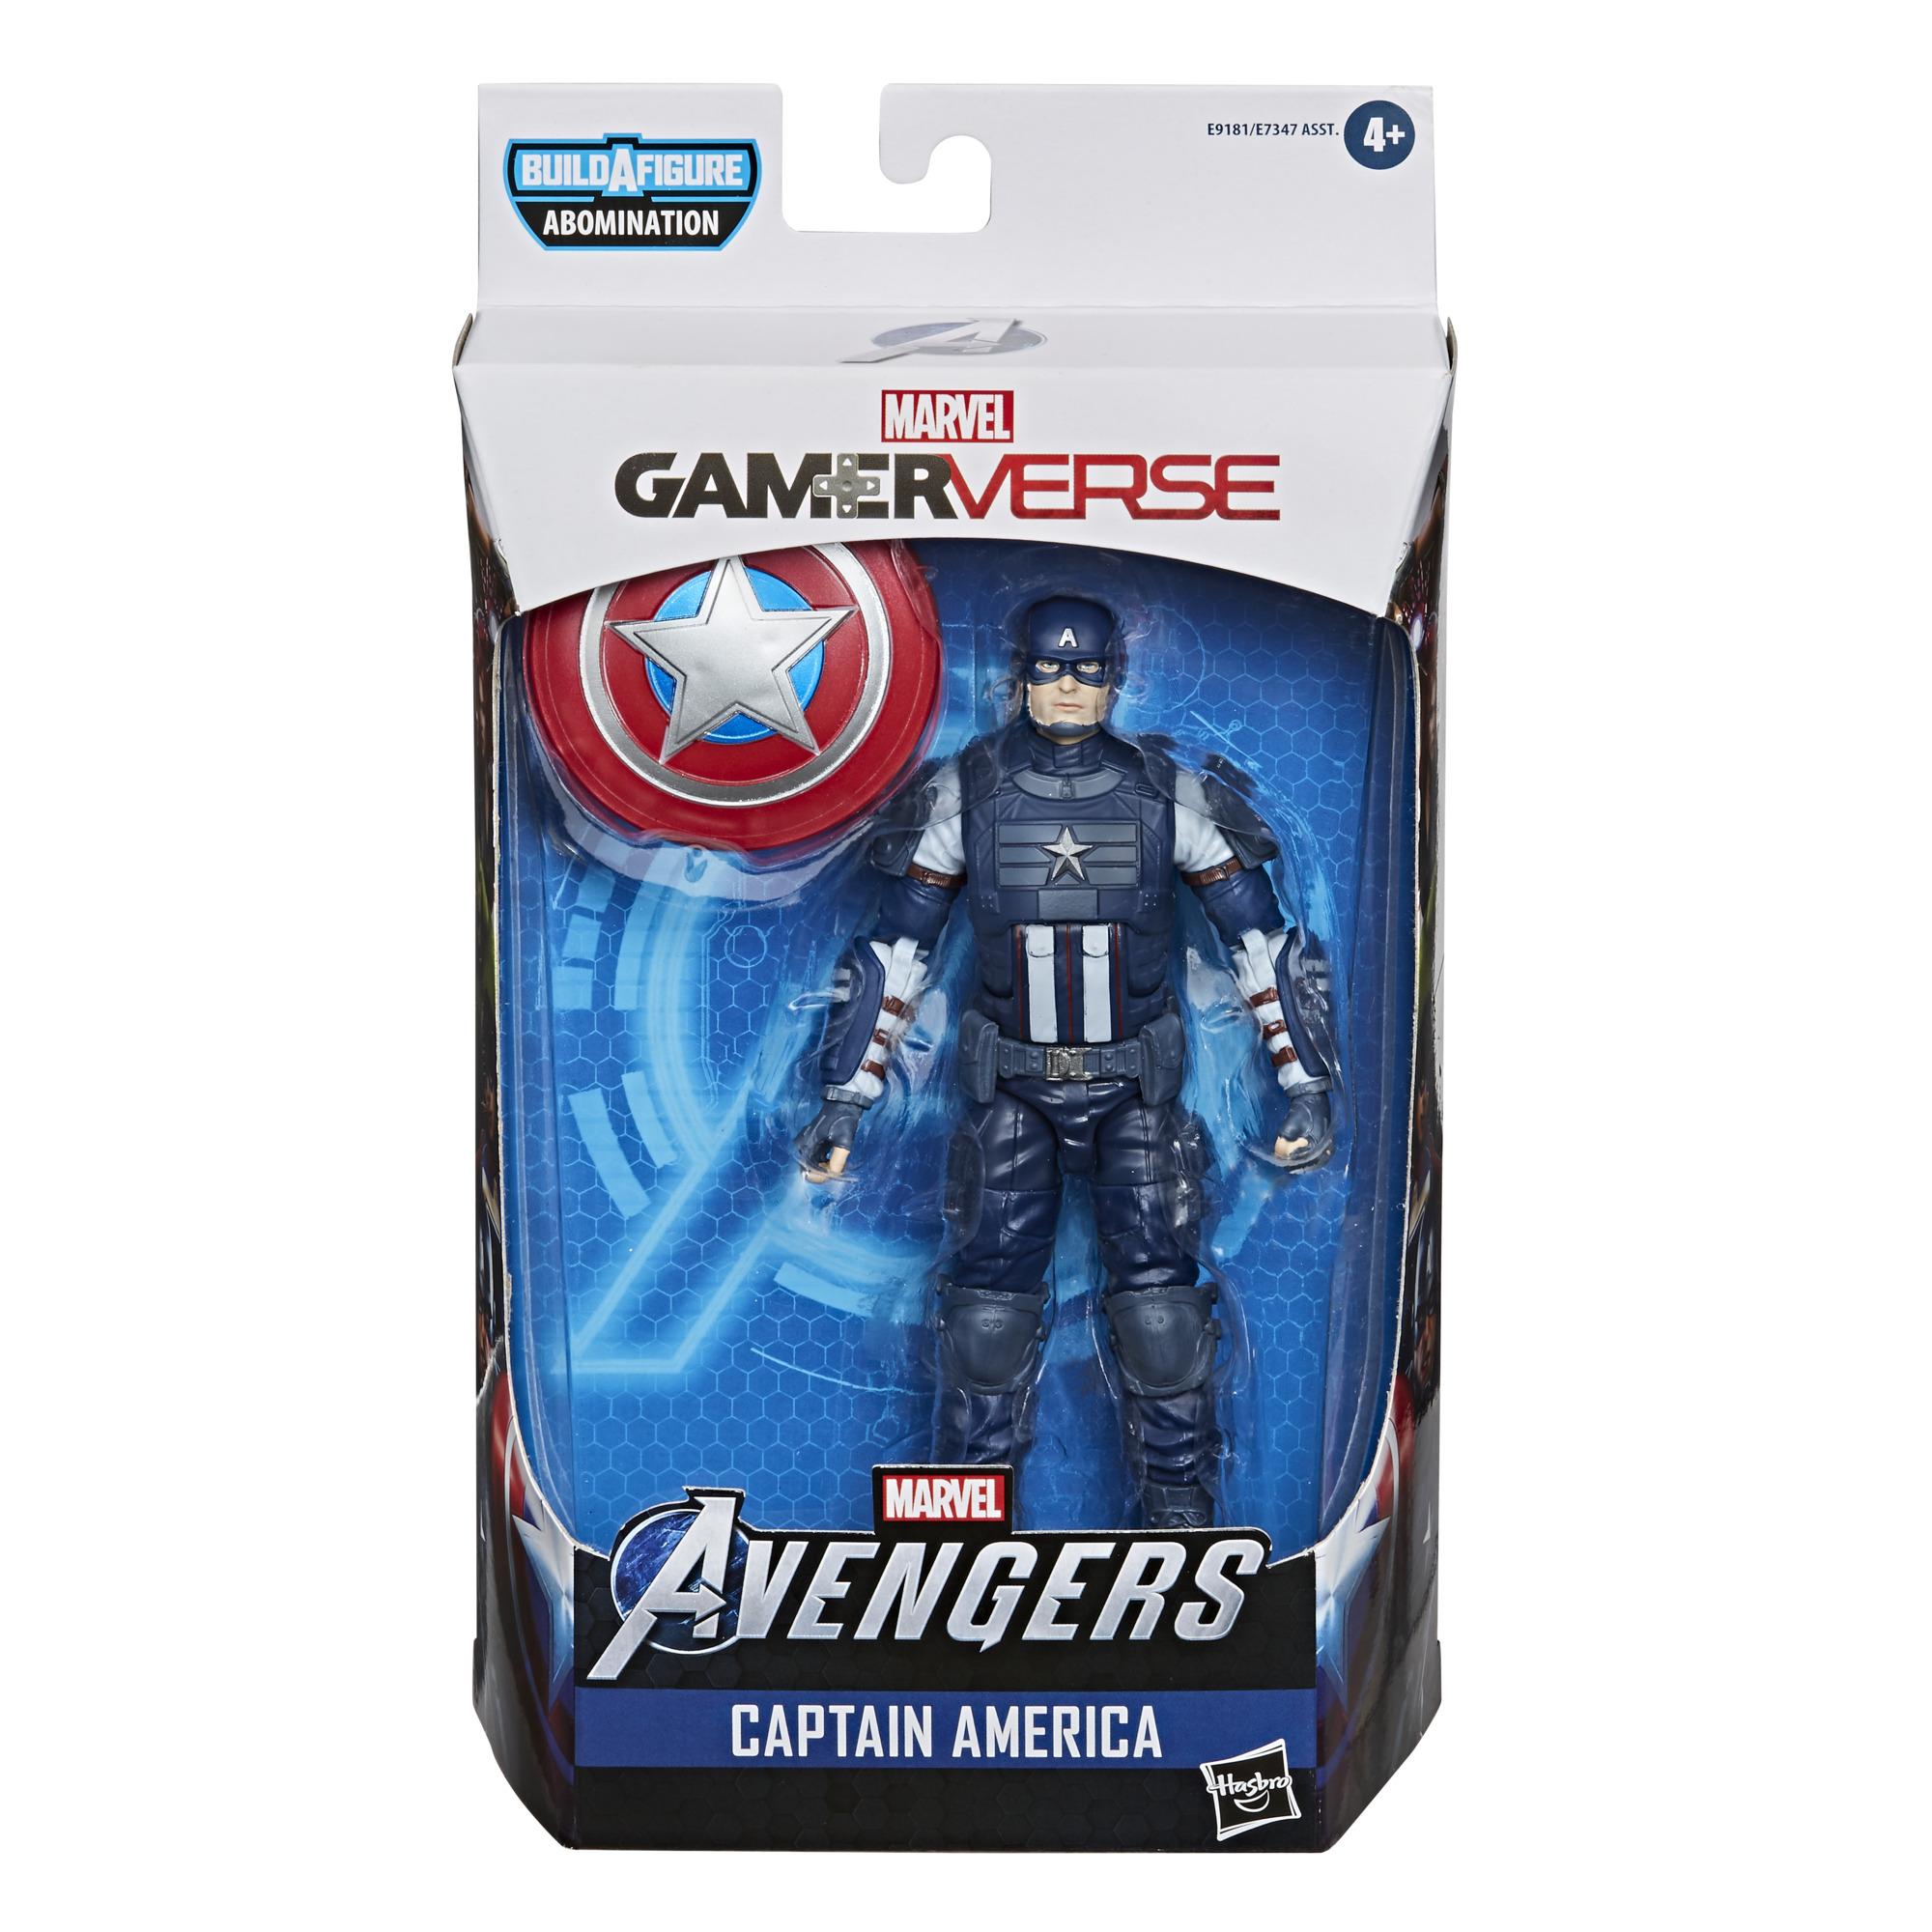 E91815L00 Marvel Avengers Gamerverse Captain America pkg